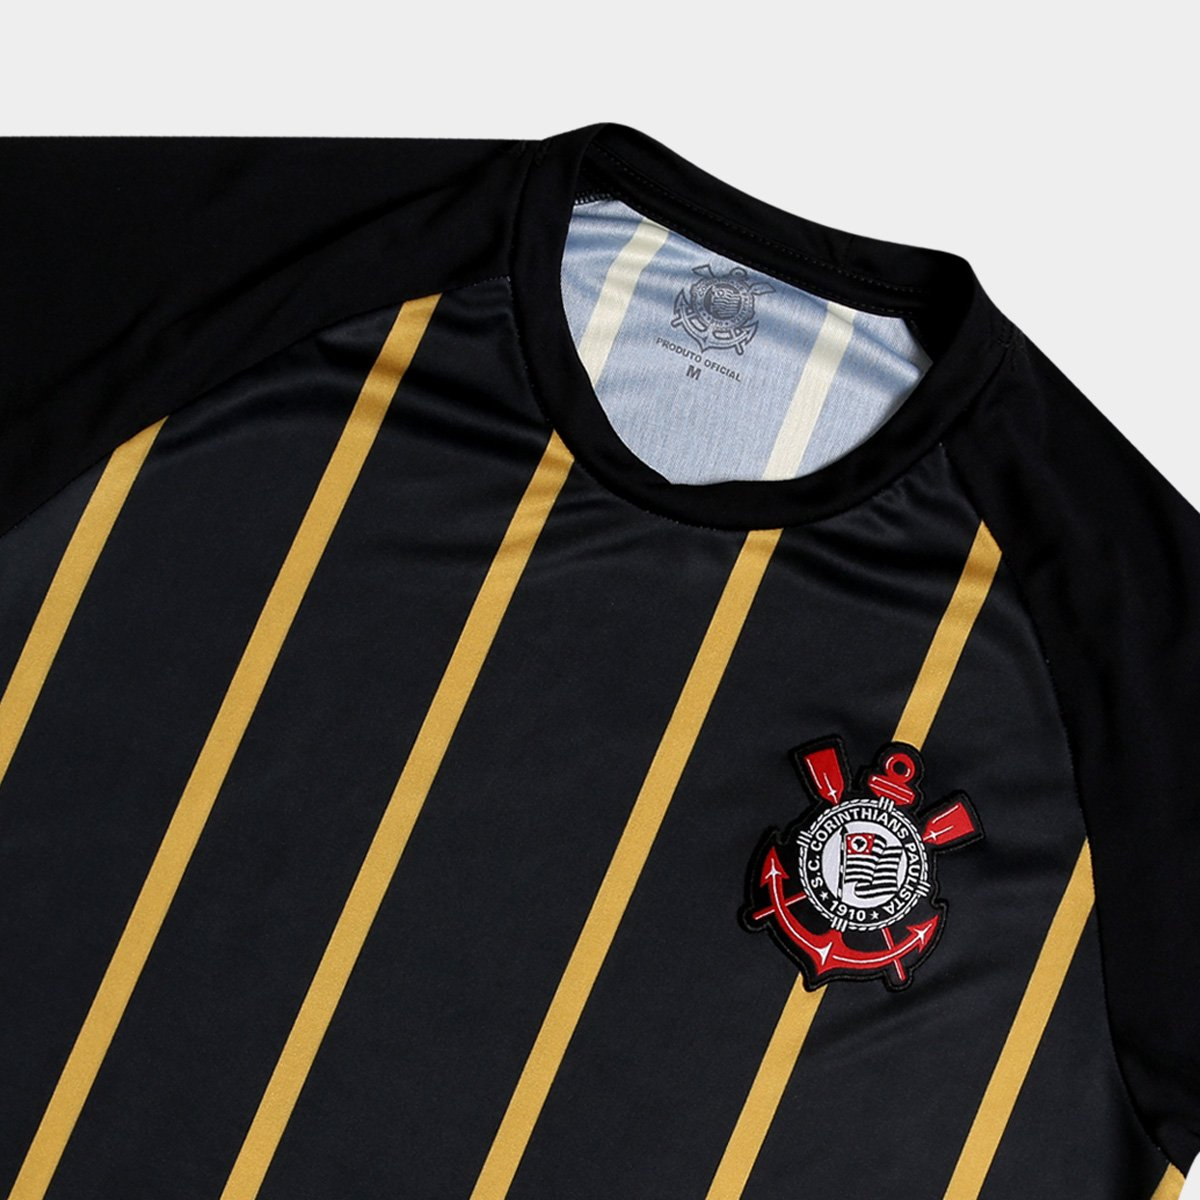 Camisa Corinthians Gold - Edição Limitada Masculina - Preto e ... fc0feb36de5e5